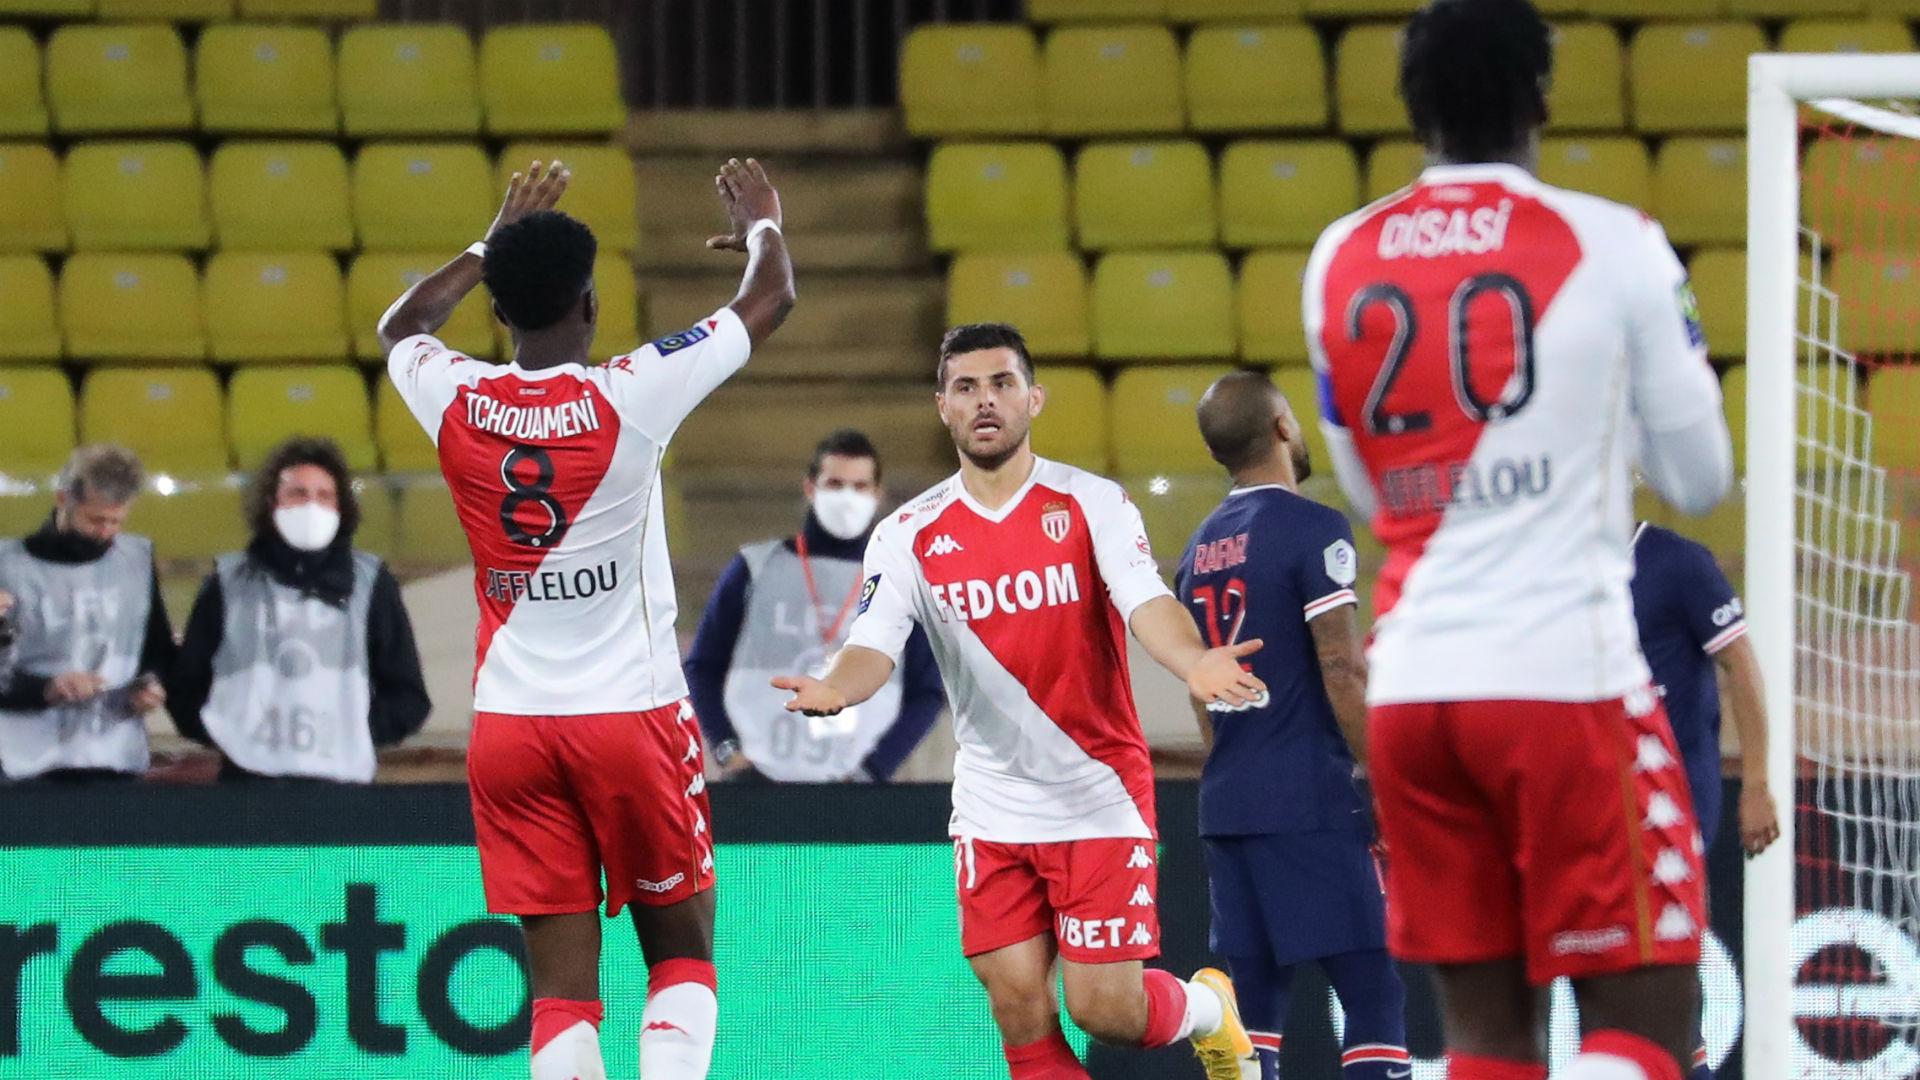 Tchouameni ends Ligue 1 wait as Diatta's AS Monaco defeat Olympique Marseille